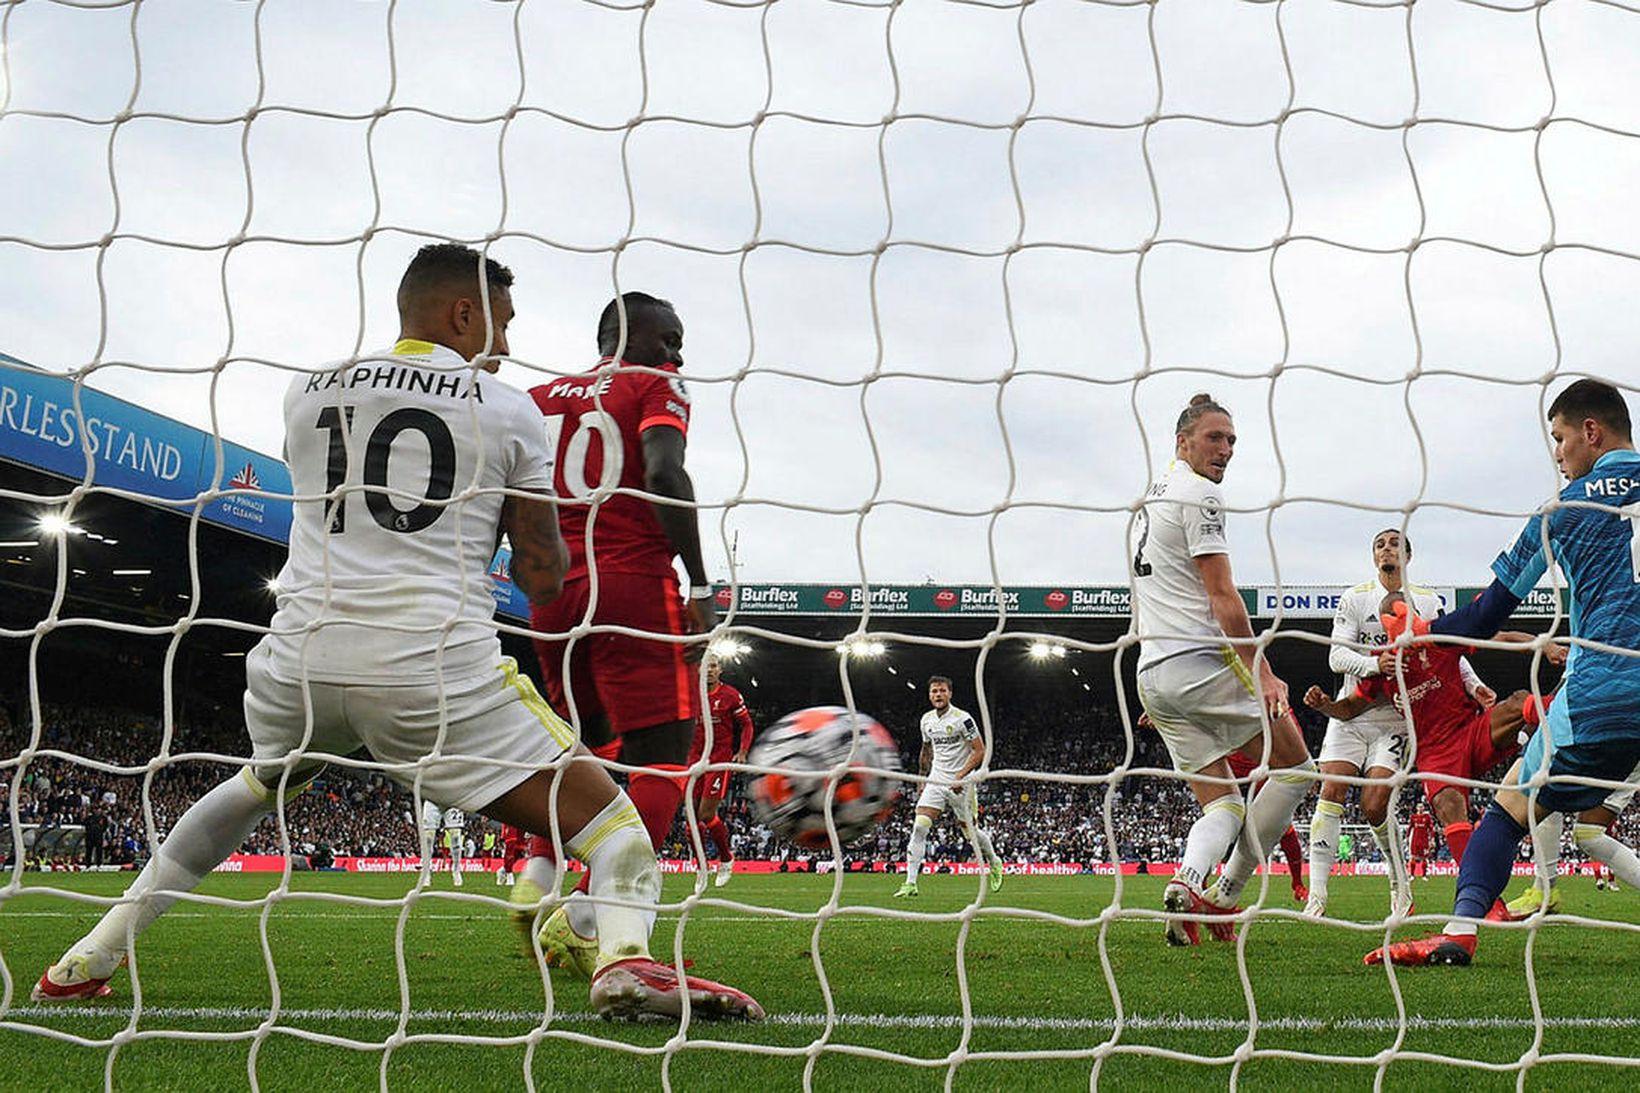 Fabinho skorar fyrir Liverpool gegn Leeds United í ensku úrvalsdeildinni …